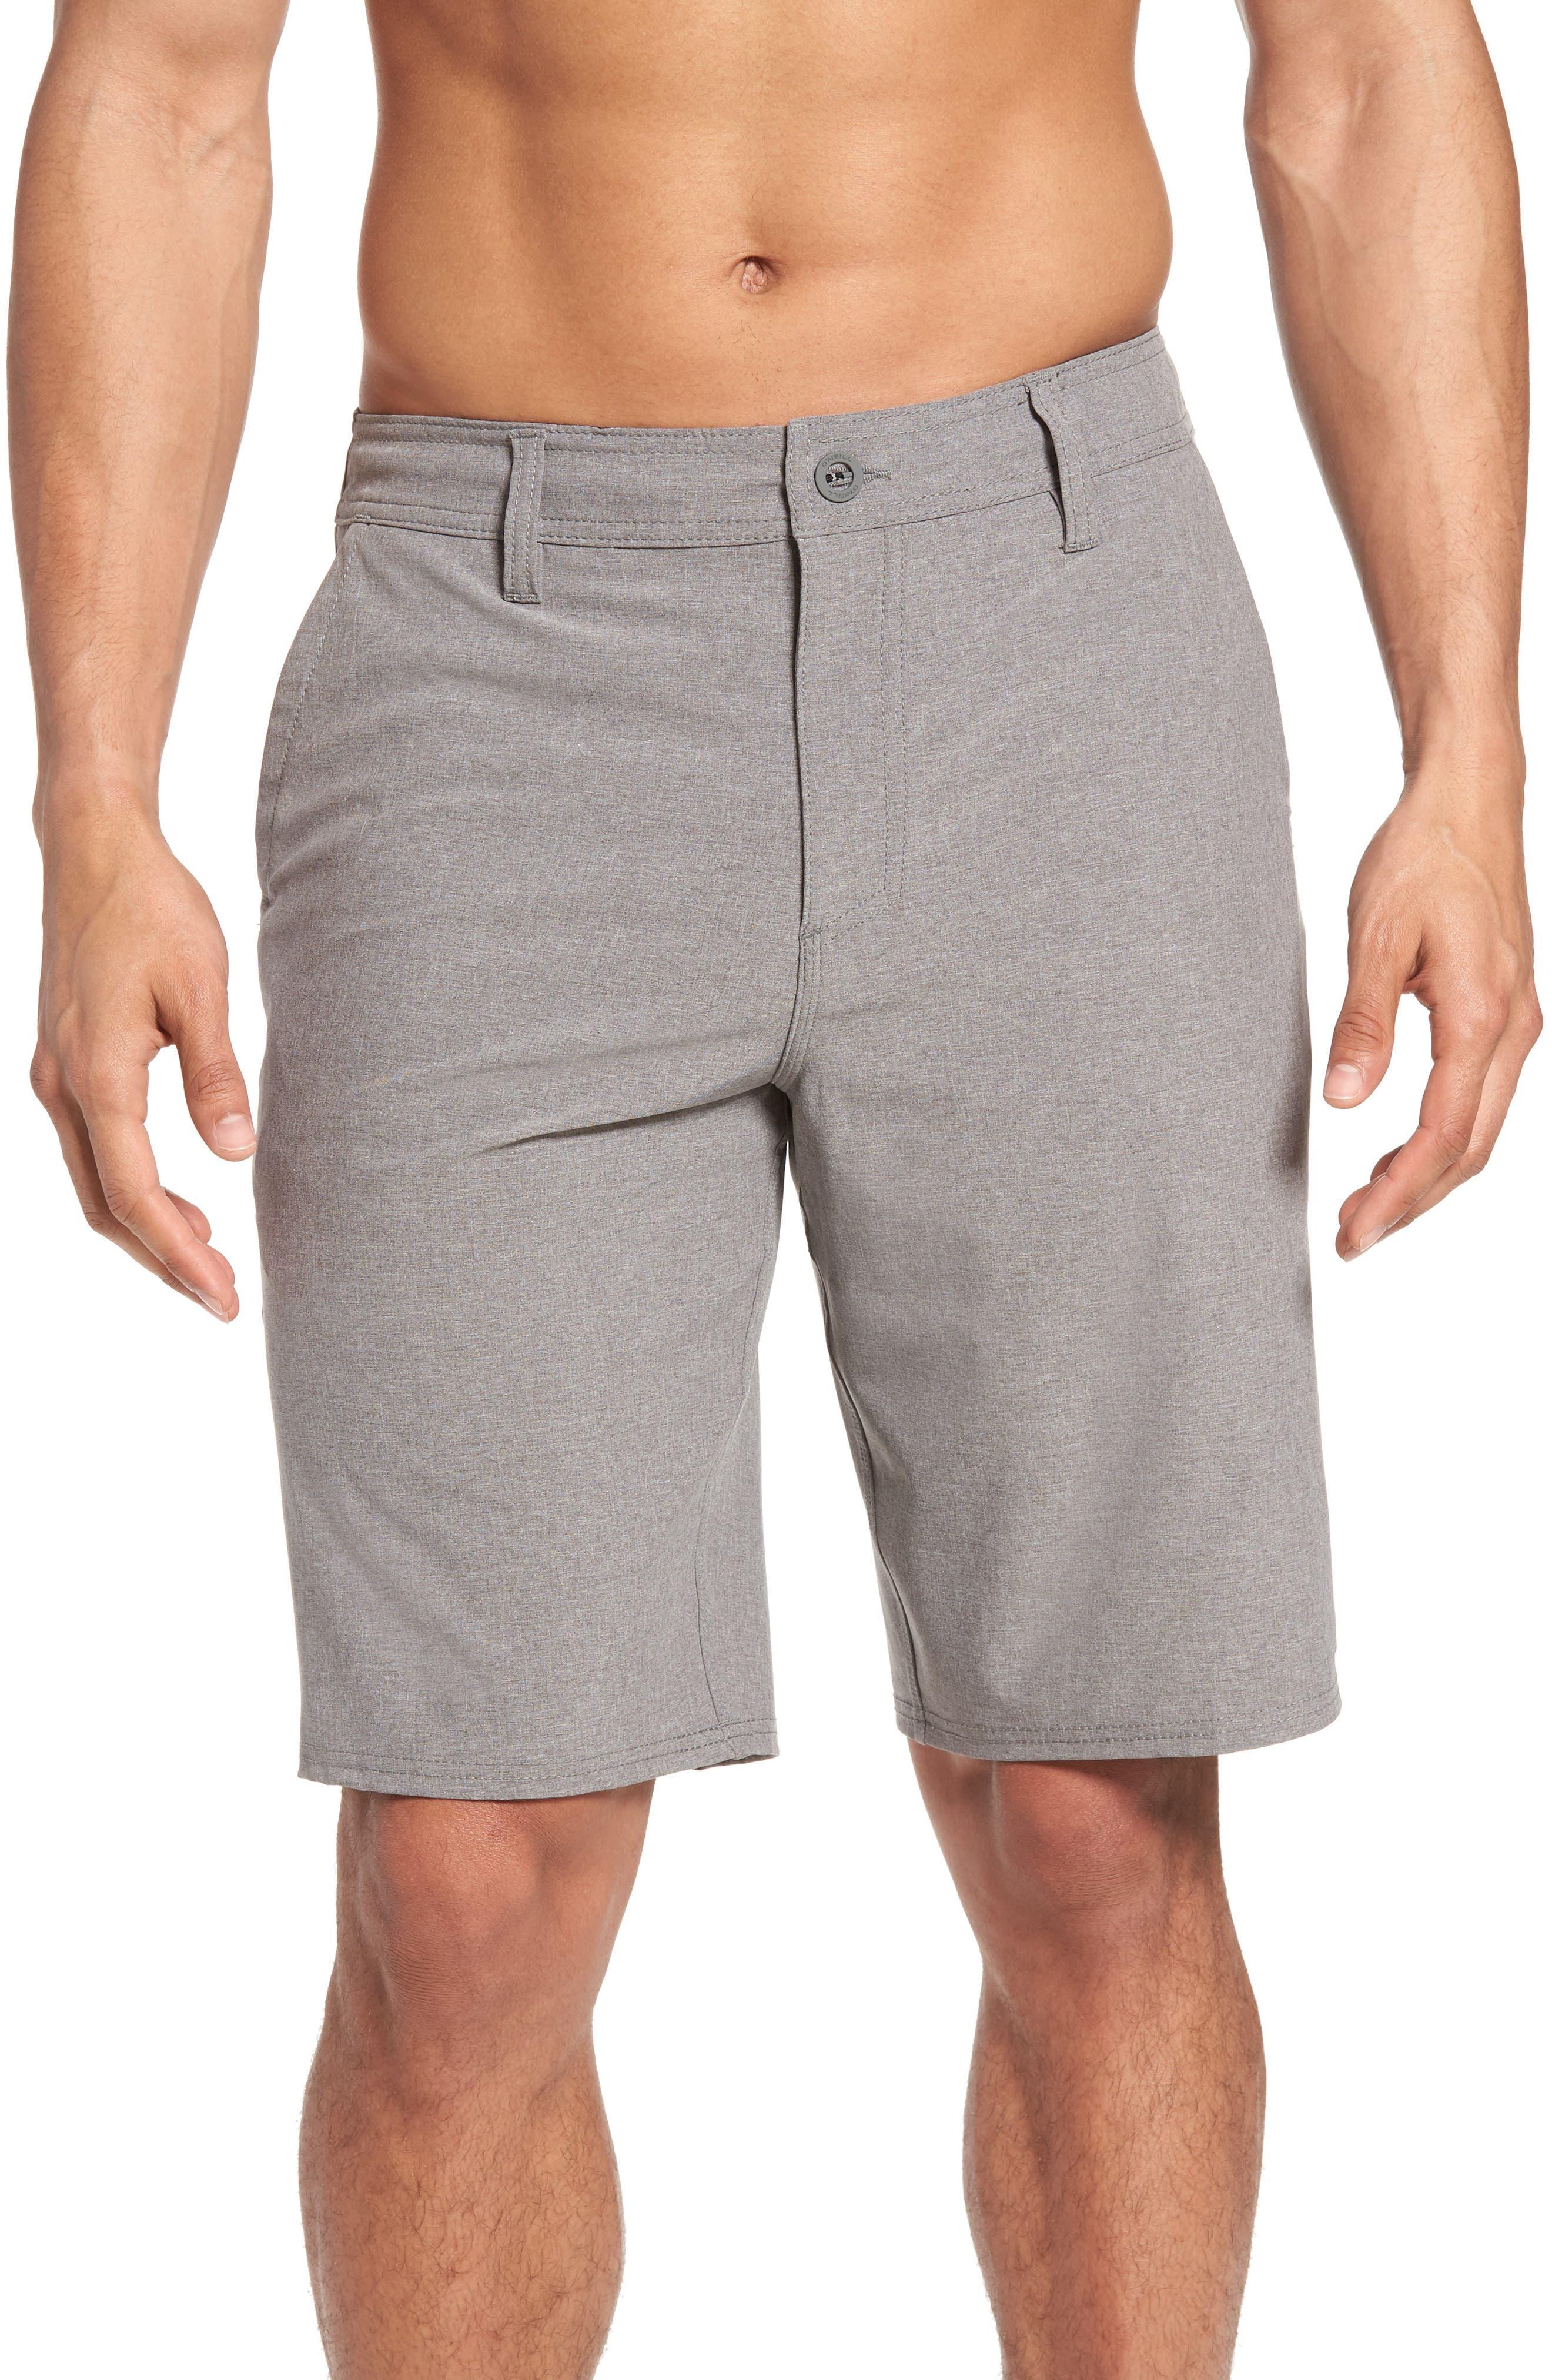 O'Neill Loaded Heather Hybrid Shorts